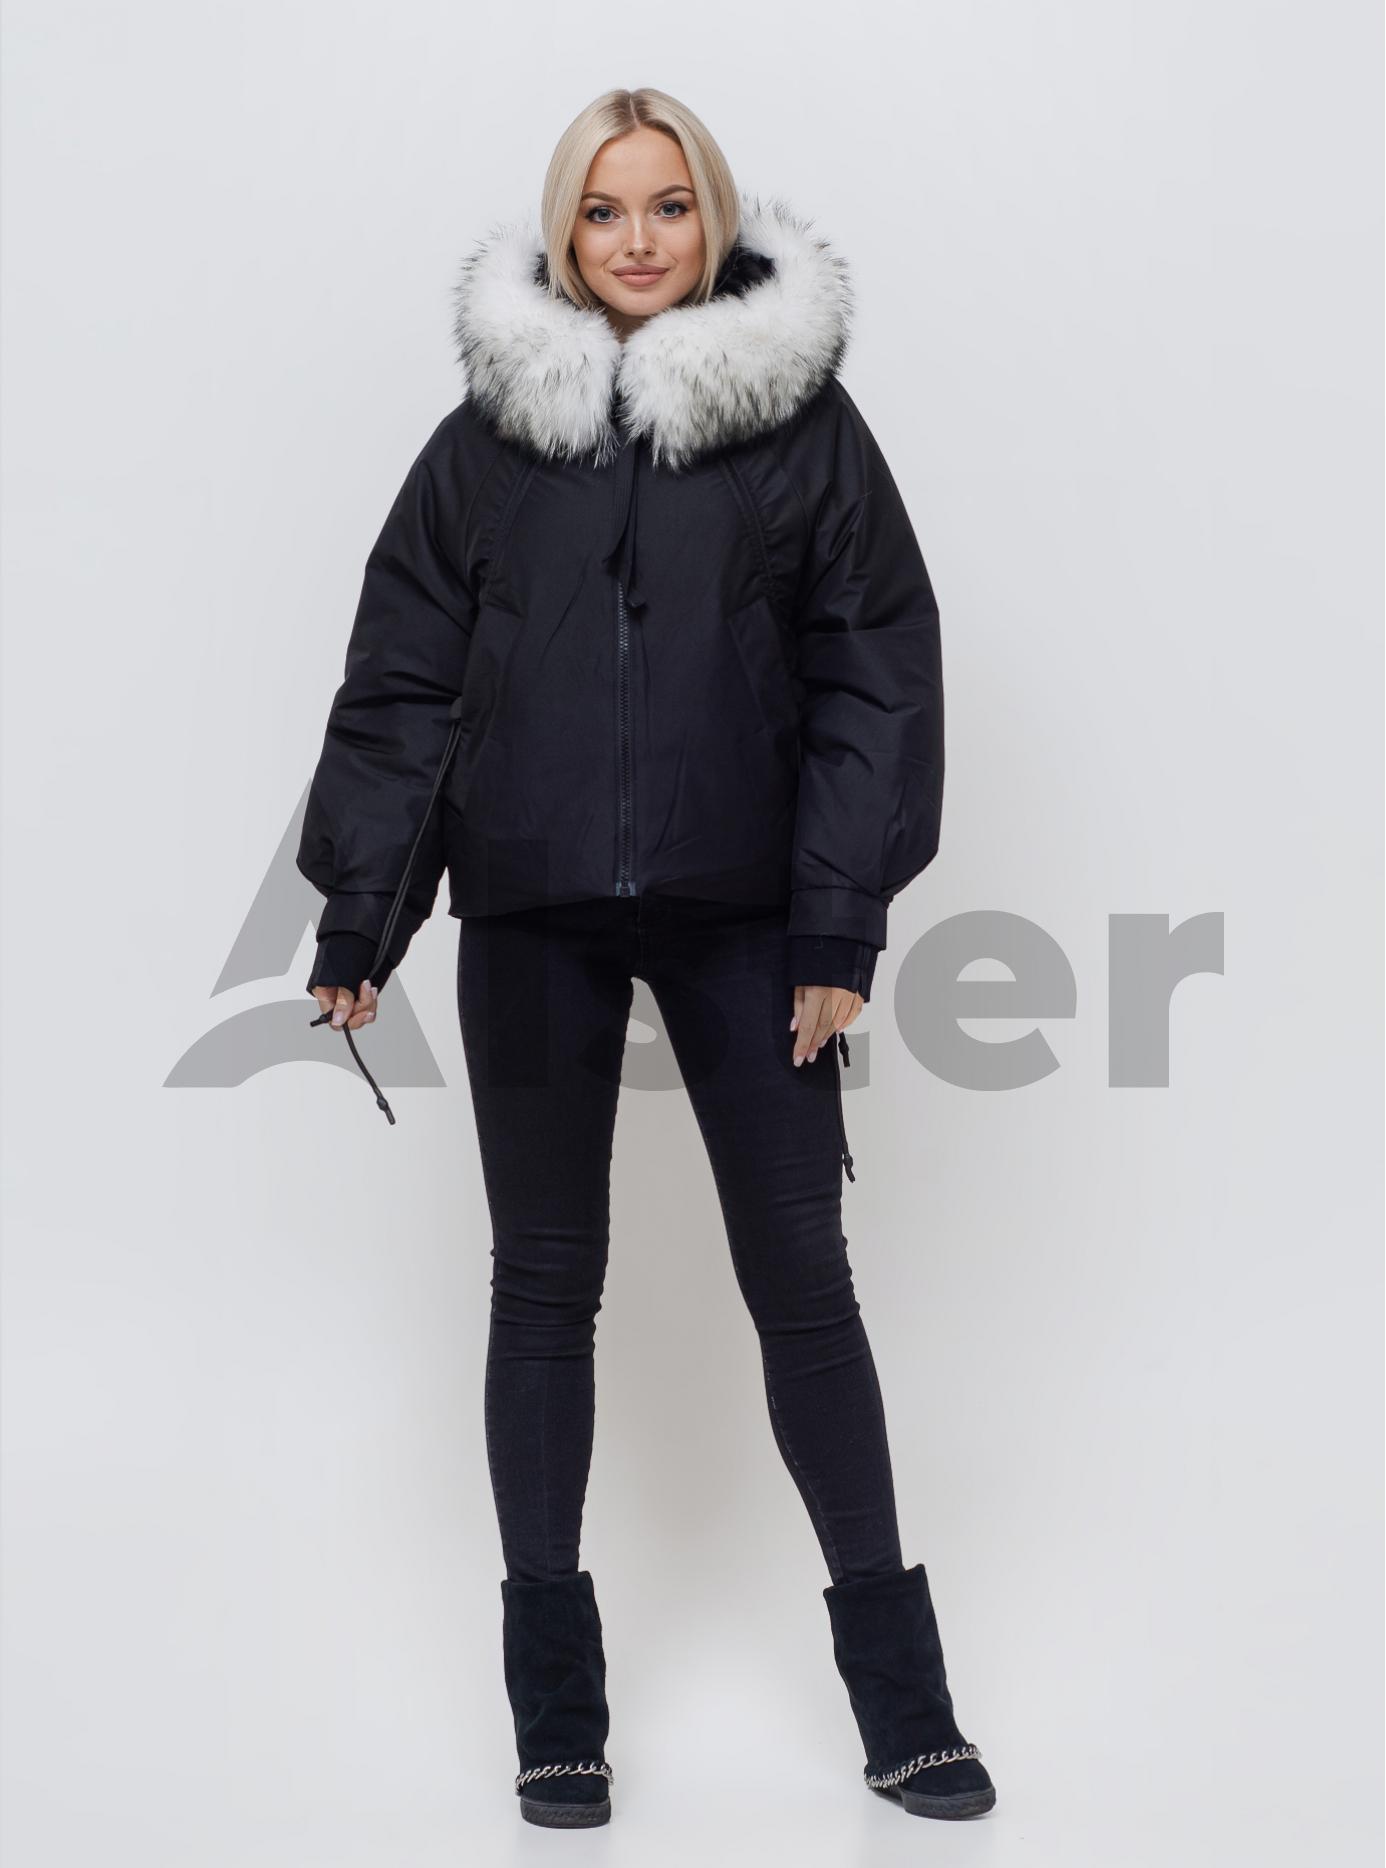 Жіноча зимова куртка з хутром Чорний M (05-SV201051): фото - Alster.ua